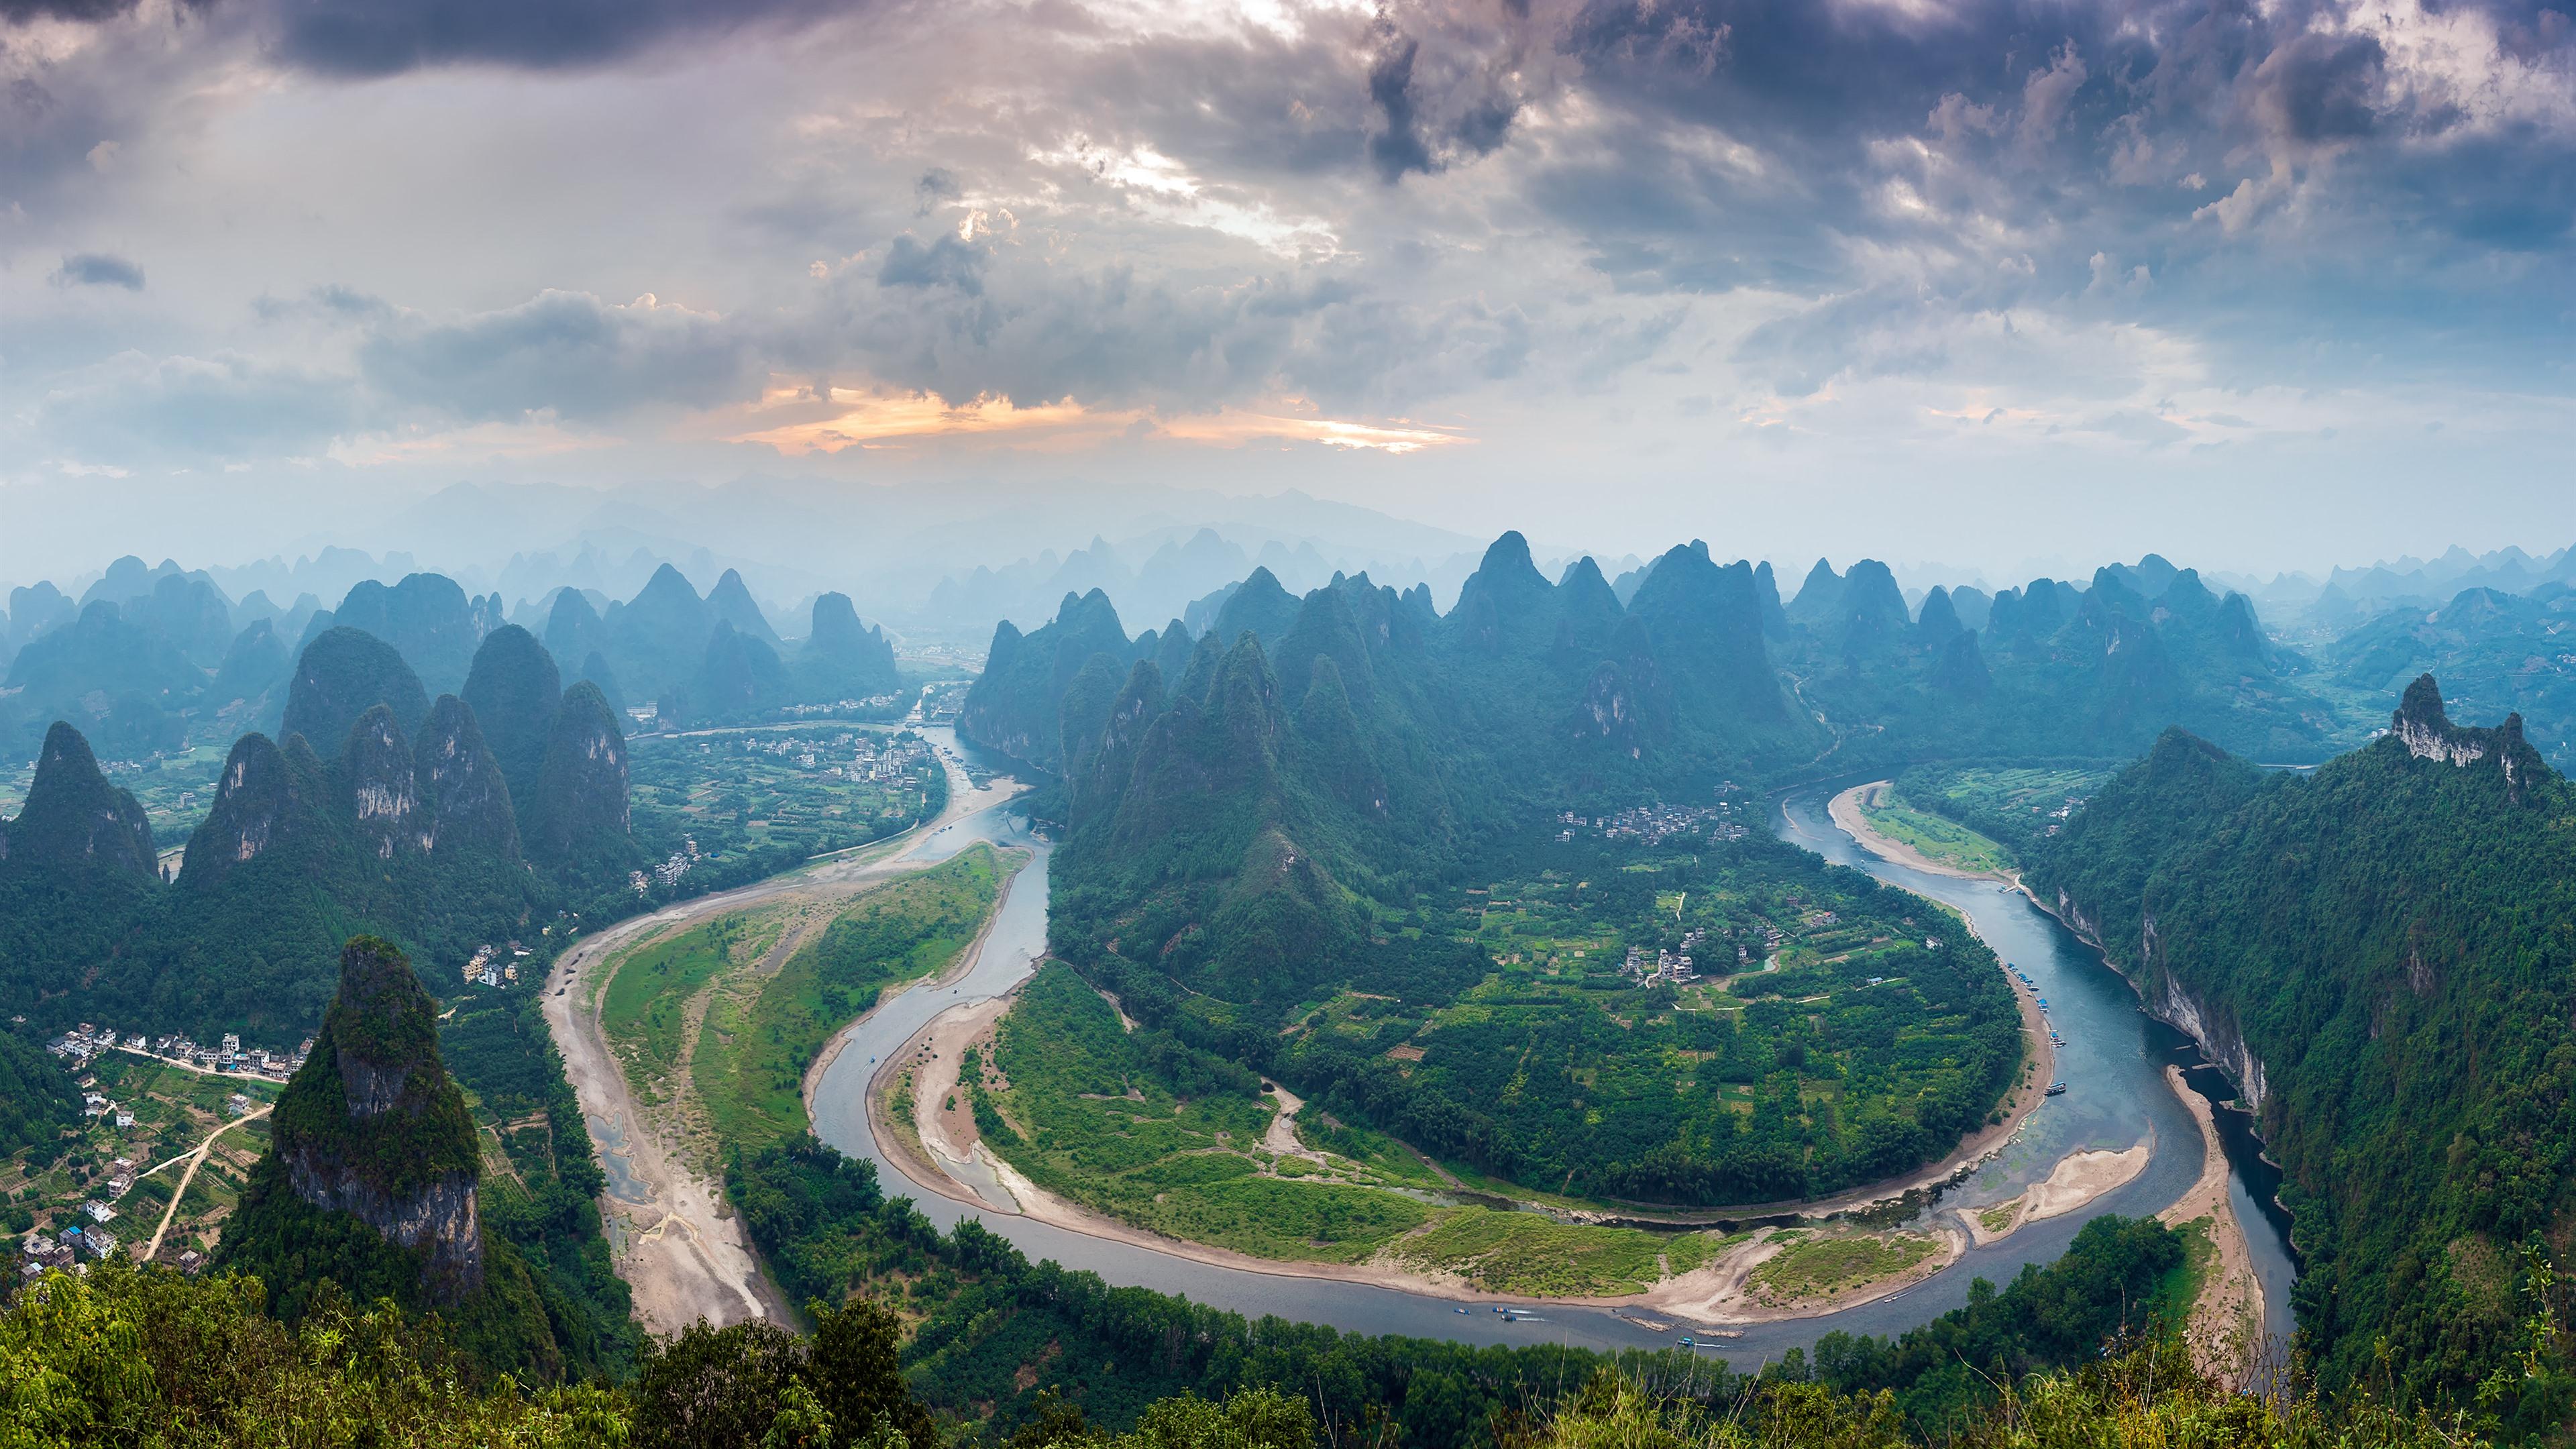 壁紙 漓江の最初の湾 山 村 美しい風景 中国 3840x2160 Uhd 4k 無料のデスクトップの背景 画像